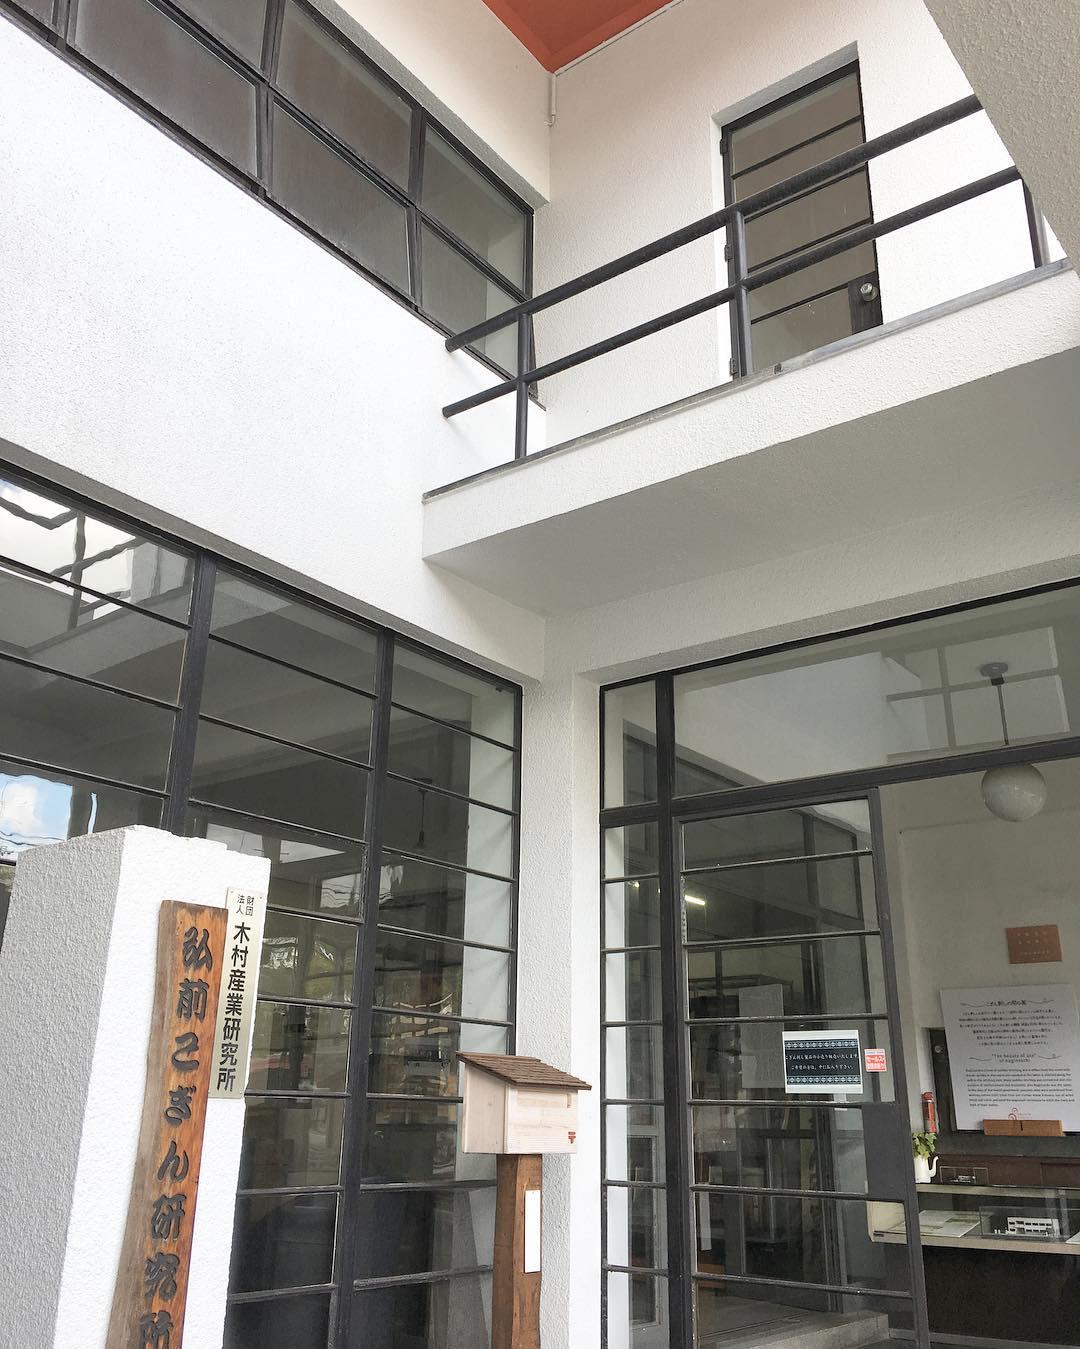 最近は月に2回程、企画住宅の打合せで青森県弘前市に行っている。その弘前市には前川國男建築が沢山あり、先週やっと時…